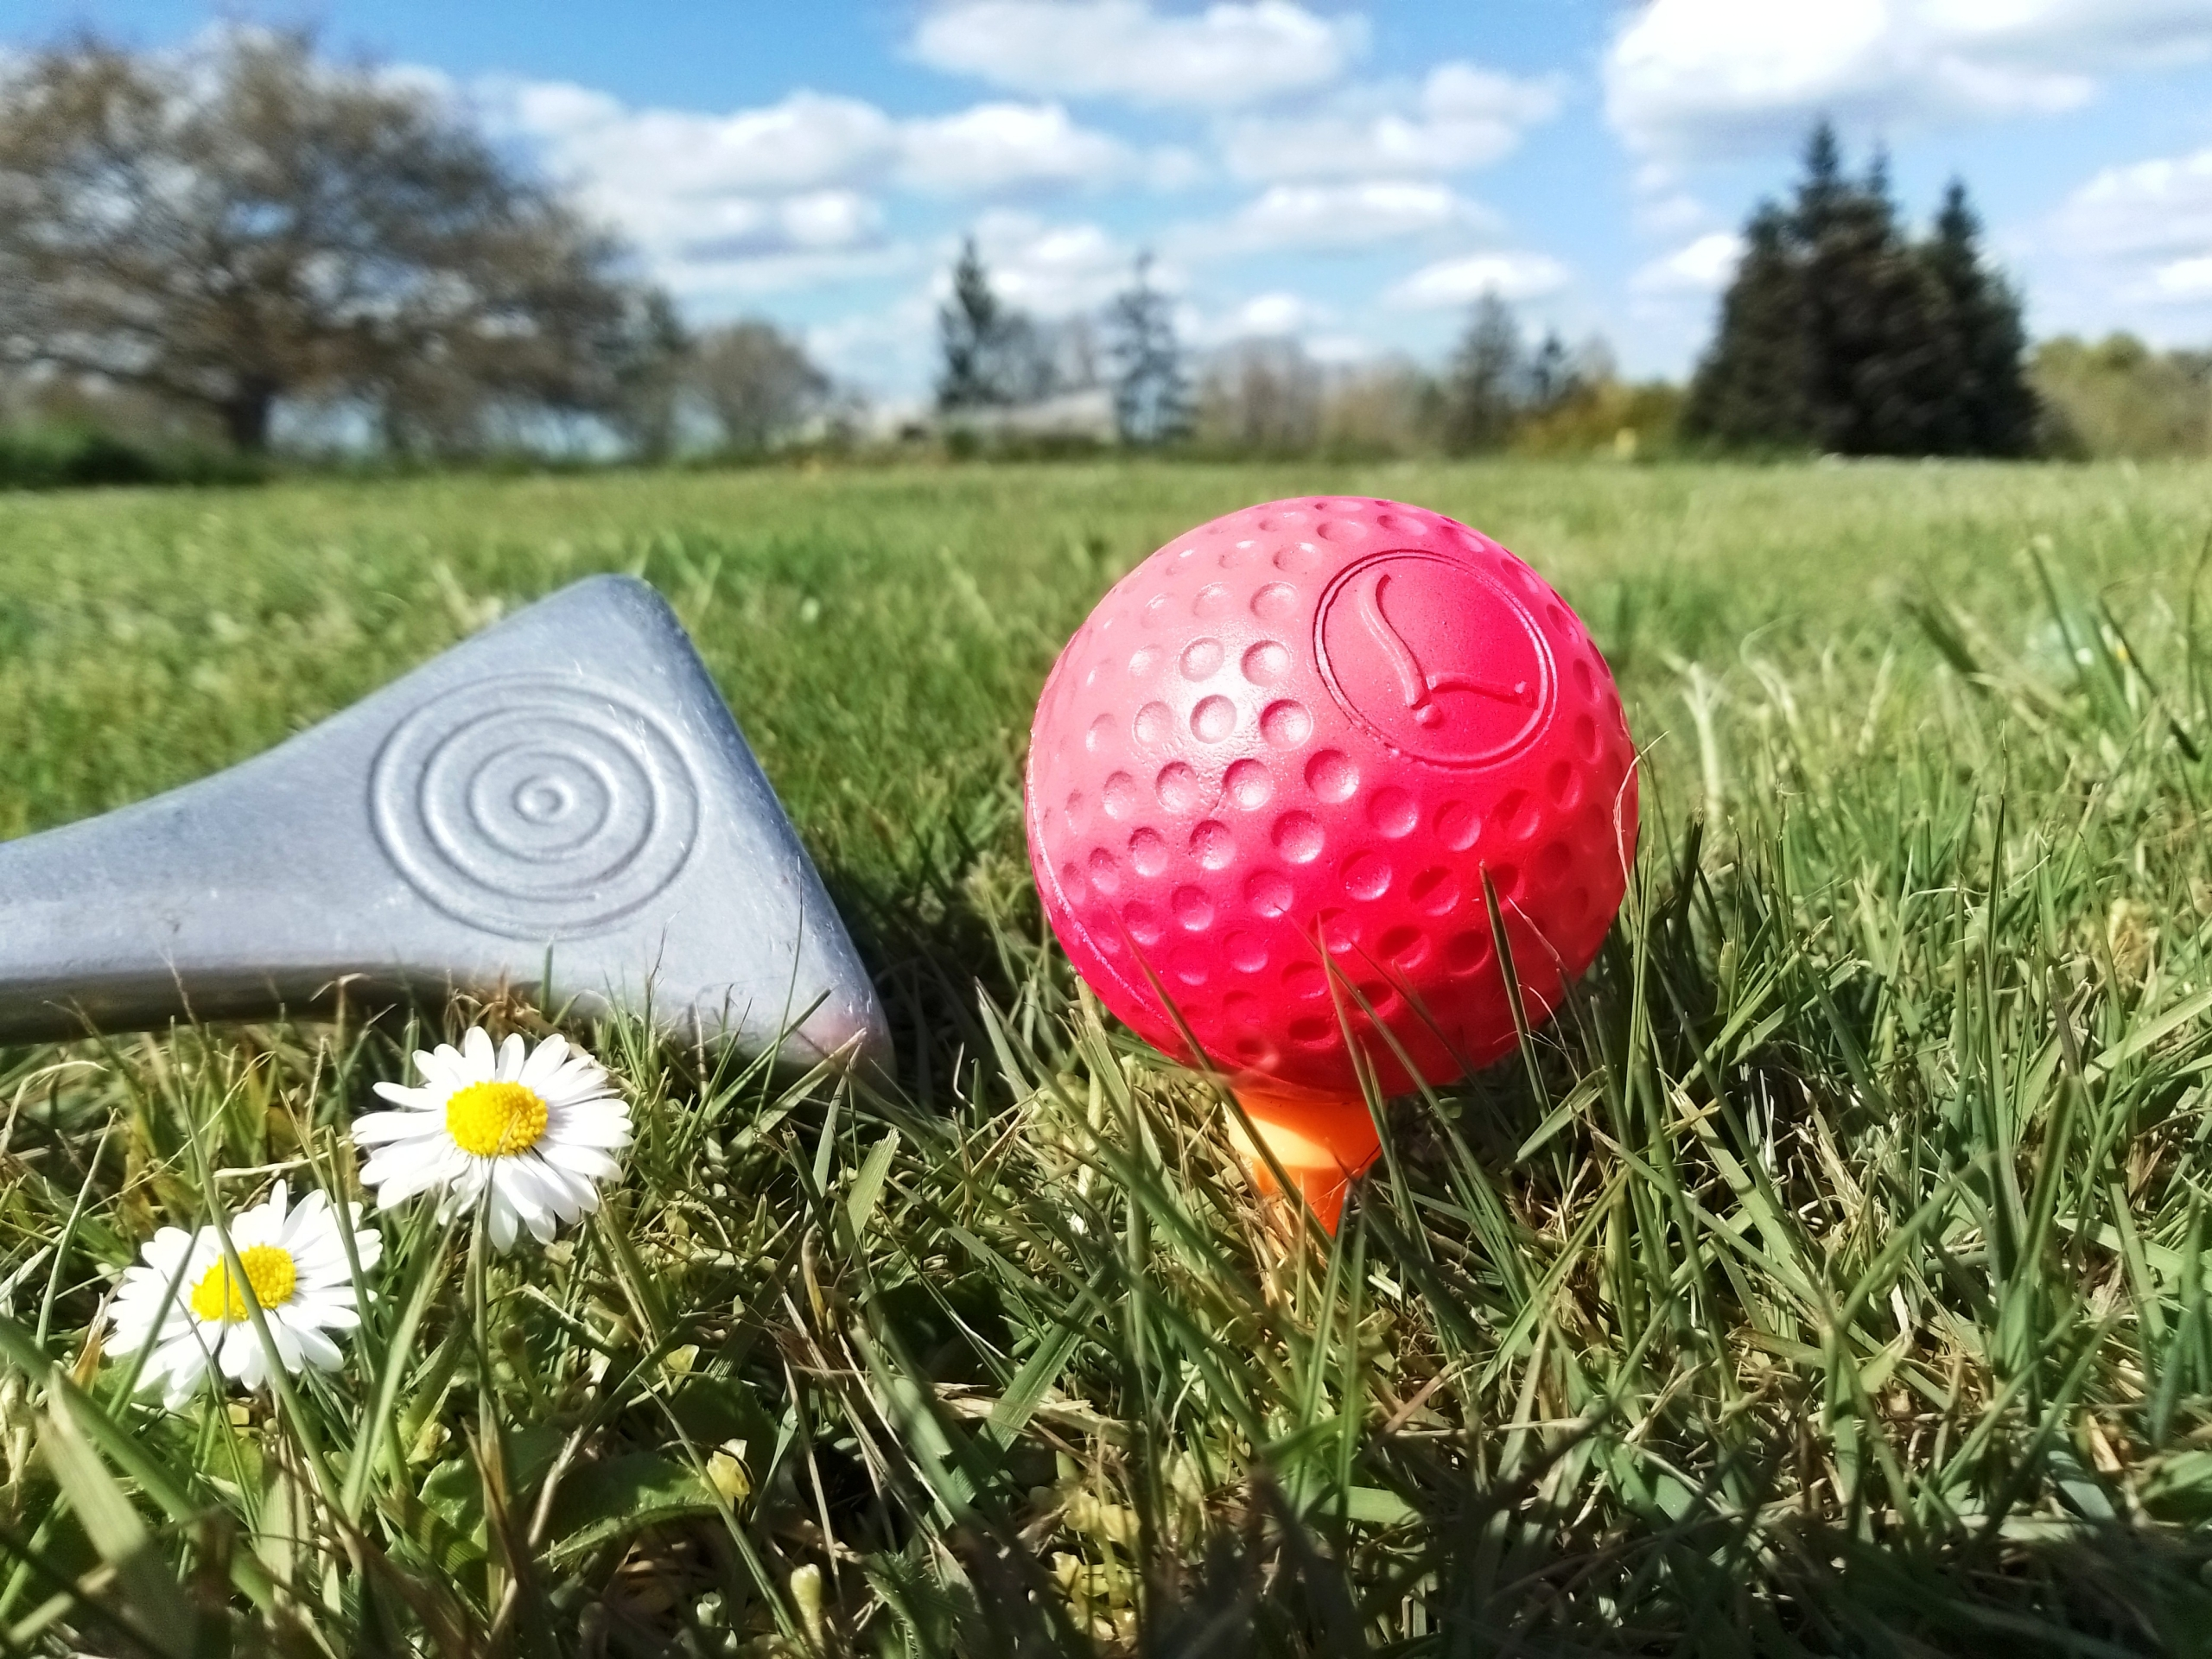 club-et-balle-rose-swin-golf-de-la-roche-en-ille-et-vilaine